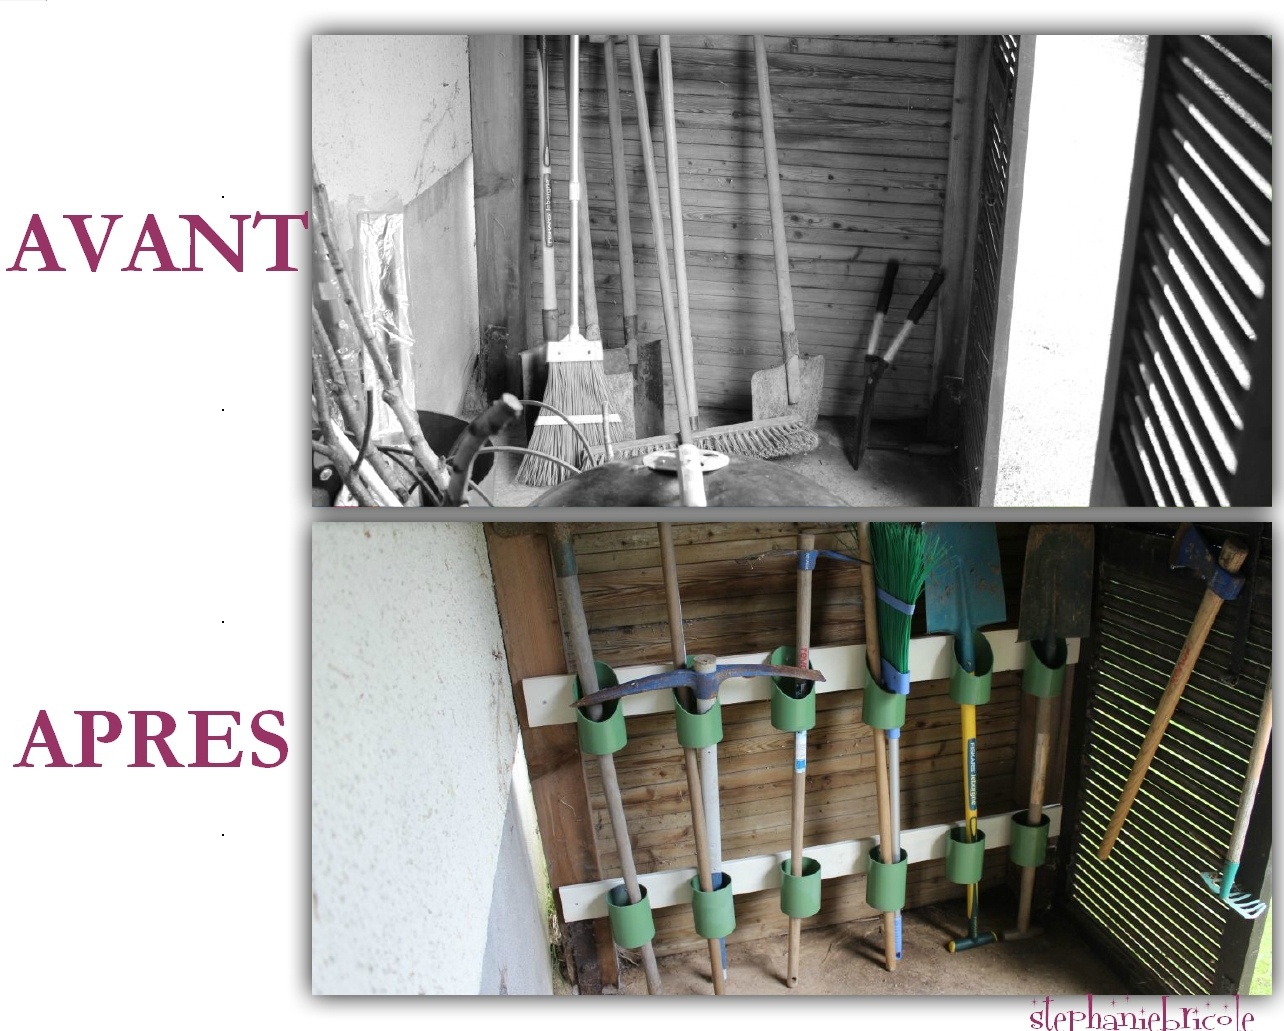 Idée De Rangement Récup Pour Le Jardin ! - Stéphanie Bricole destiné Range Outils De Jardin